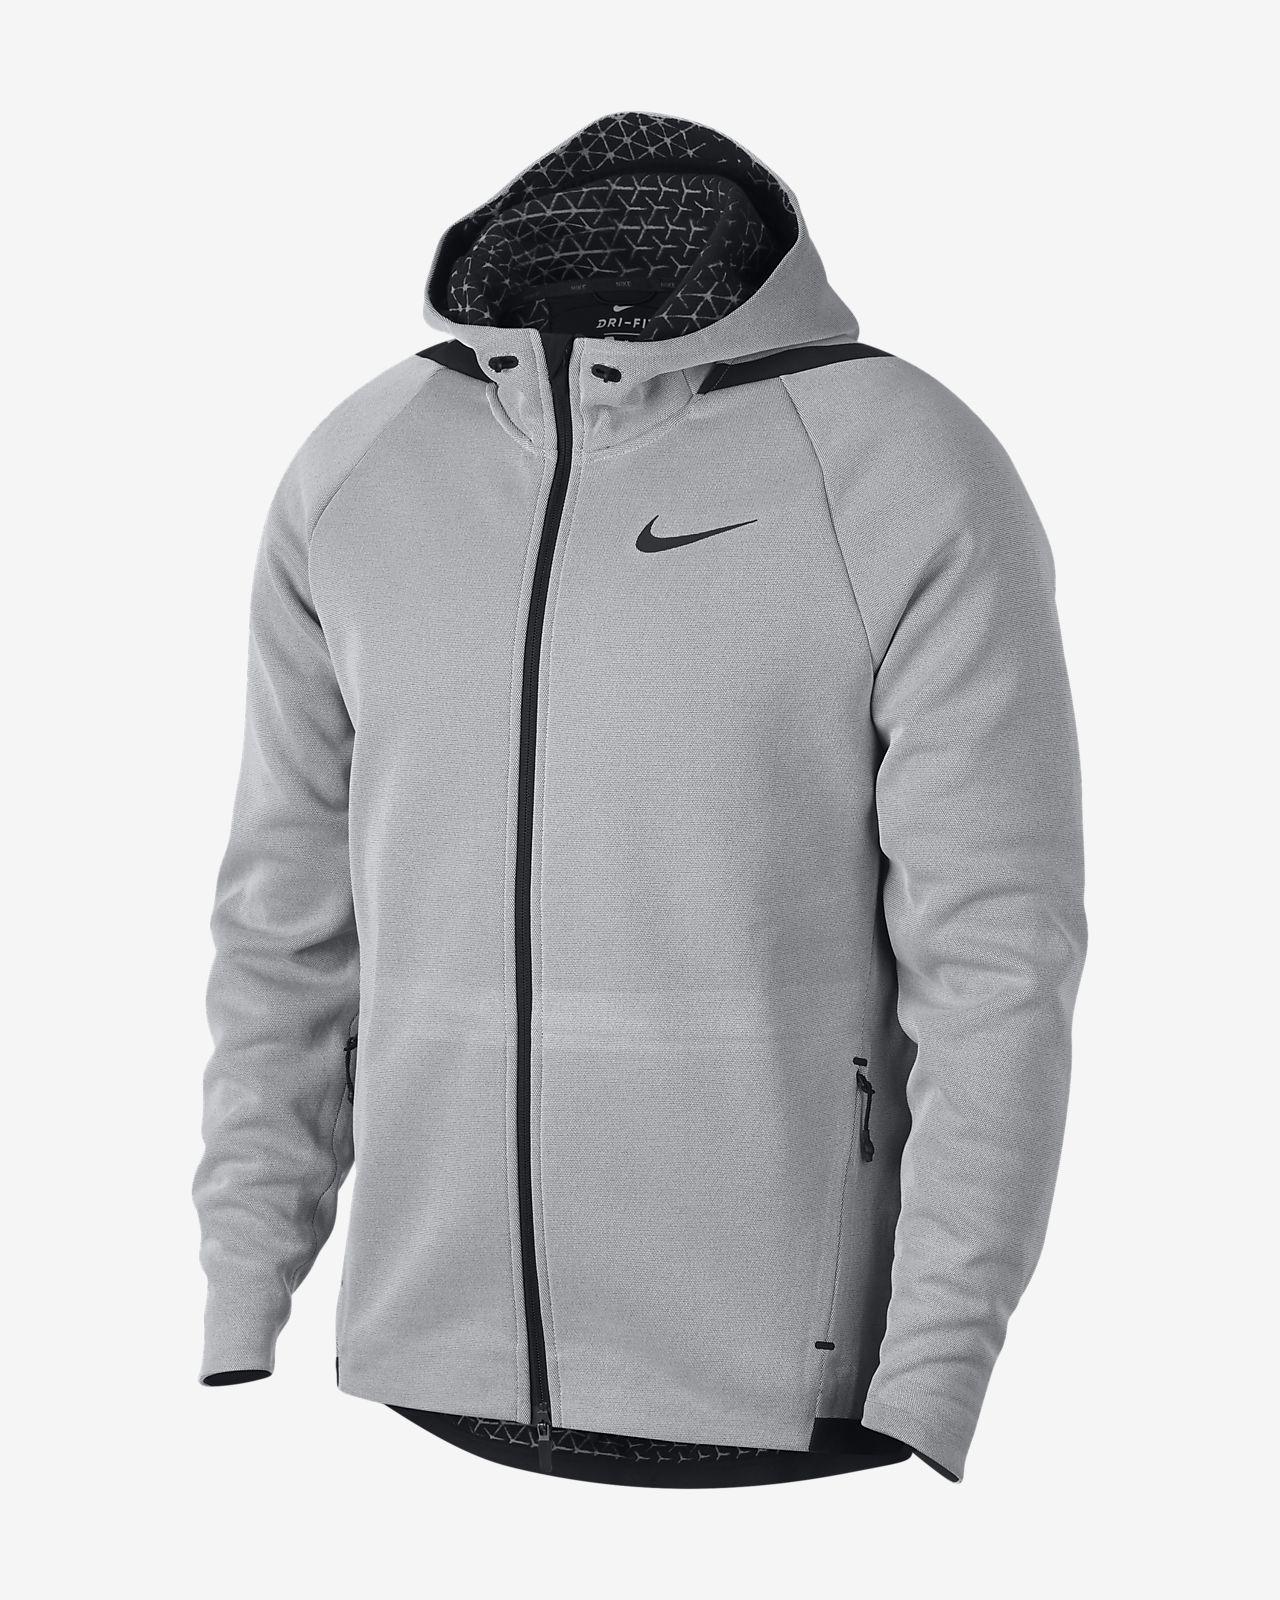 Chamarra de entrenamiento para hombre Nike Therma Sphere